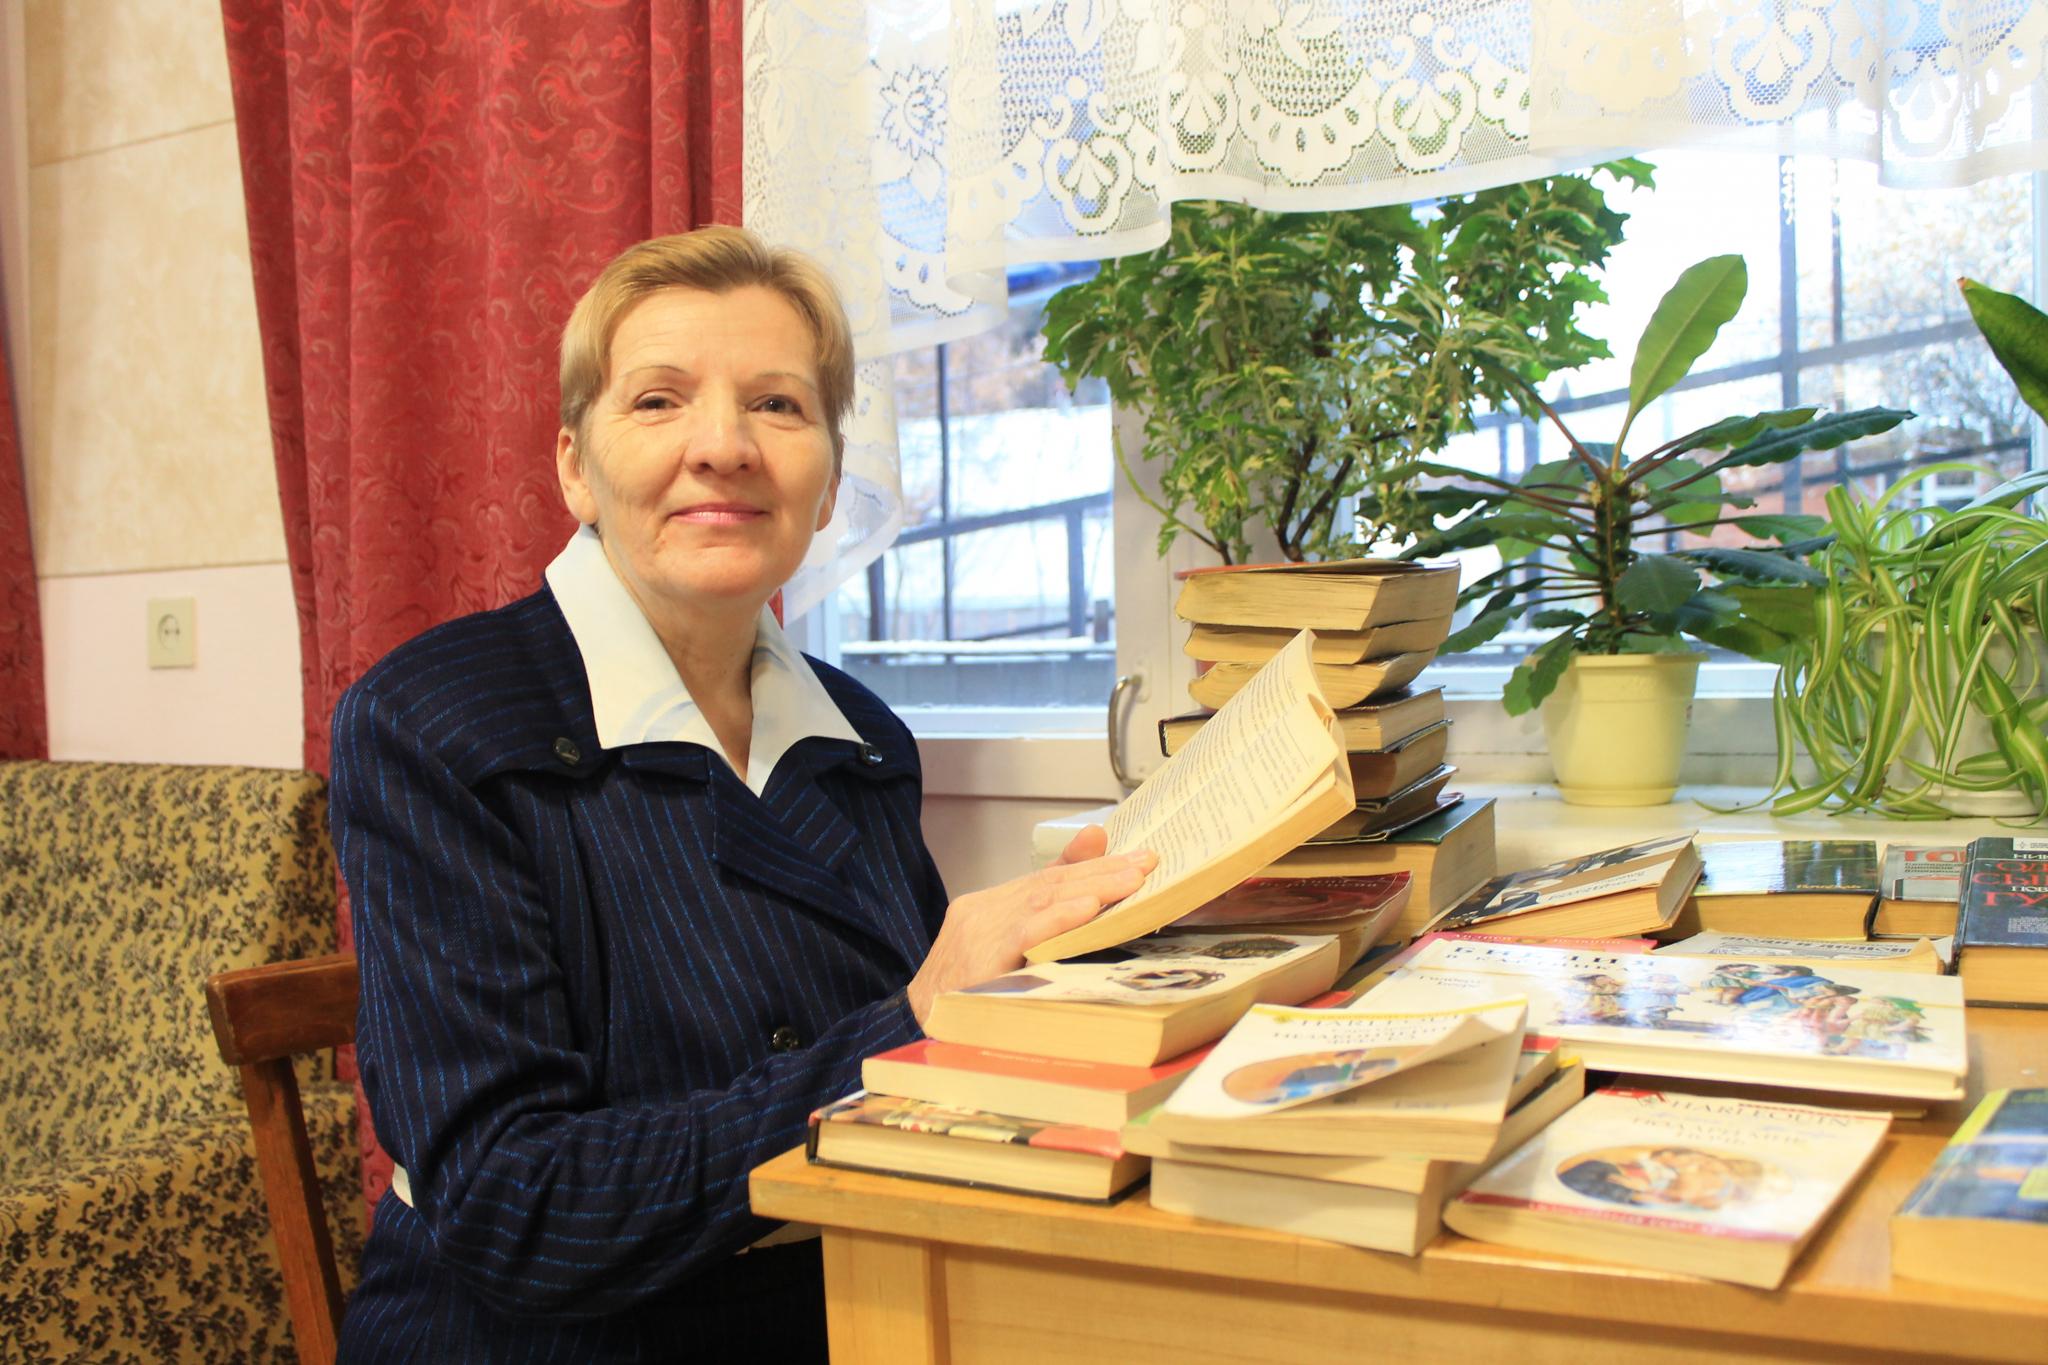 Жительница чепецкого дома-интерната: «Сама себя хвалю, что я здесь»